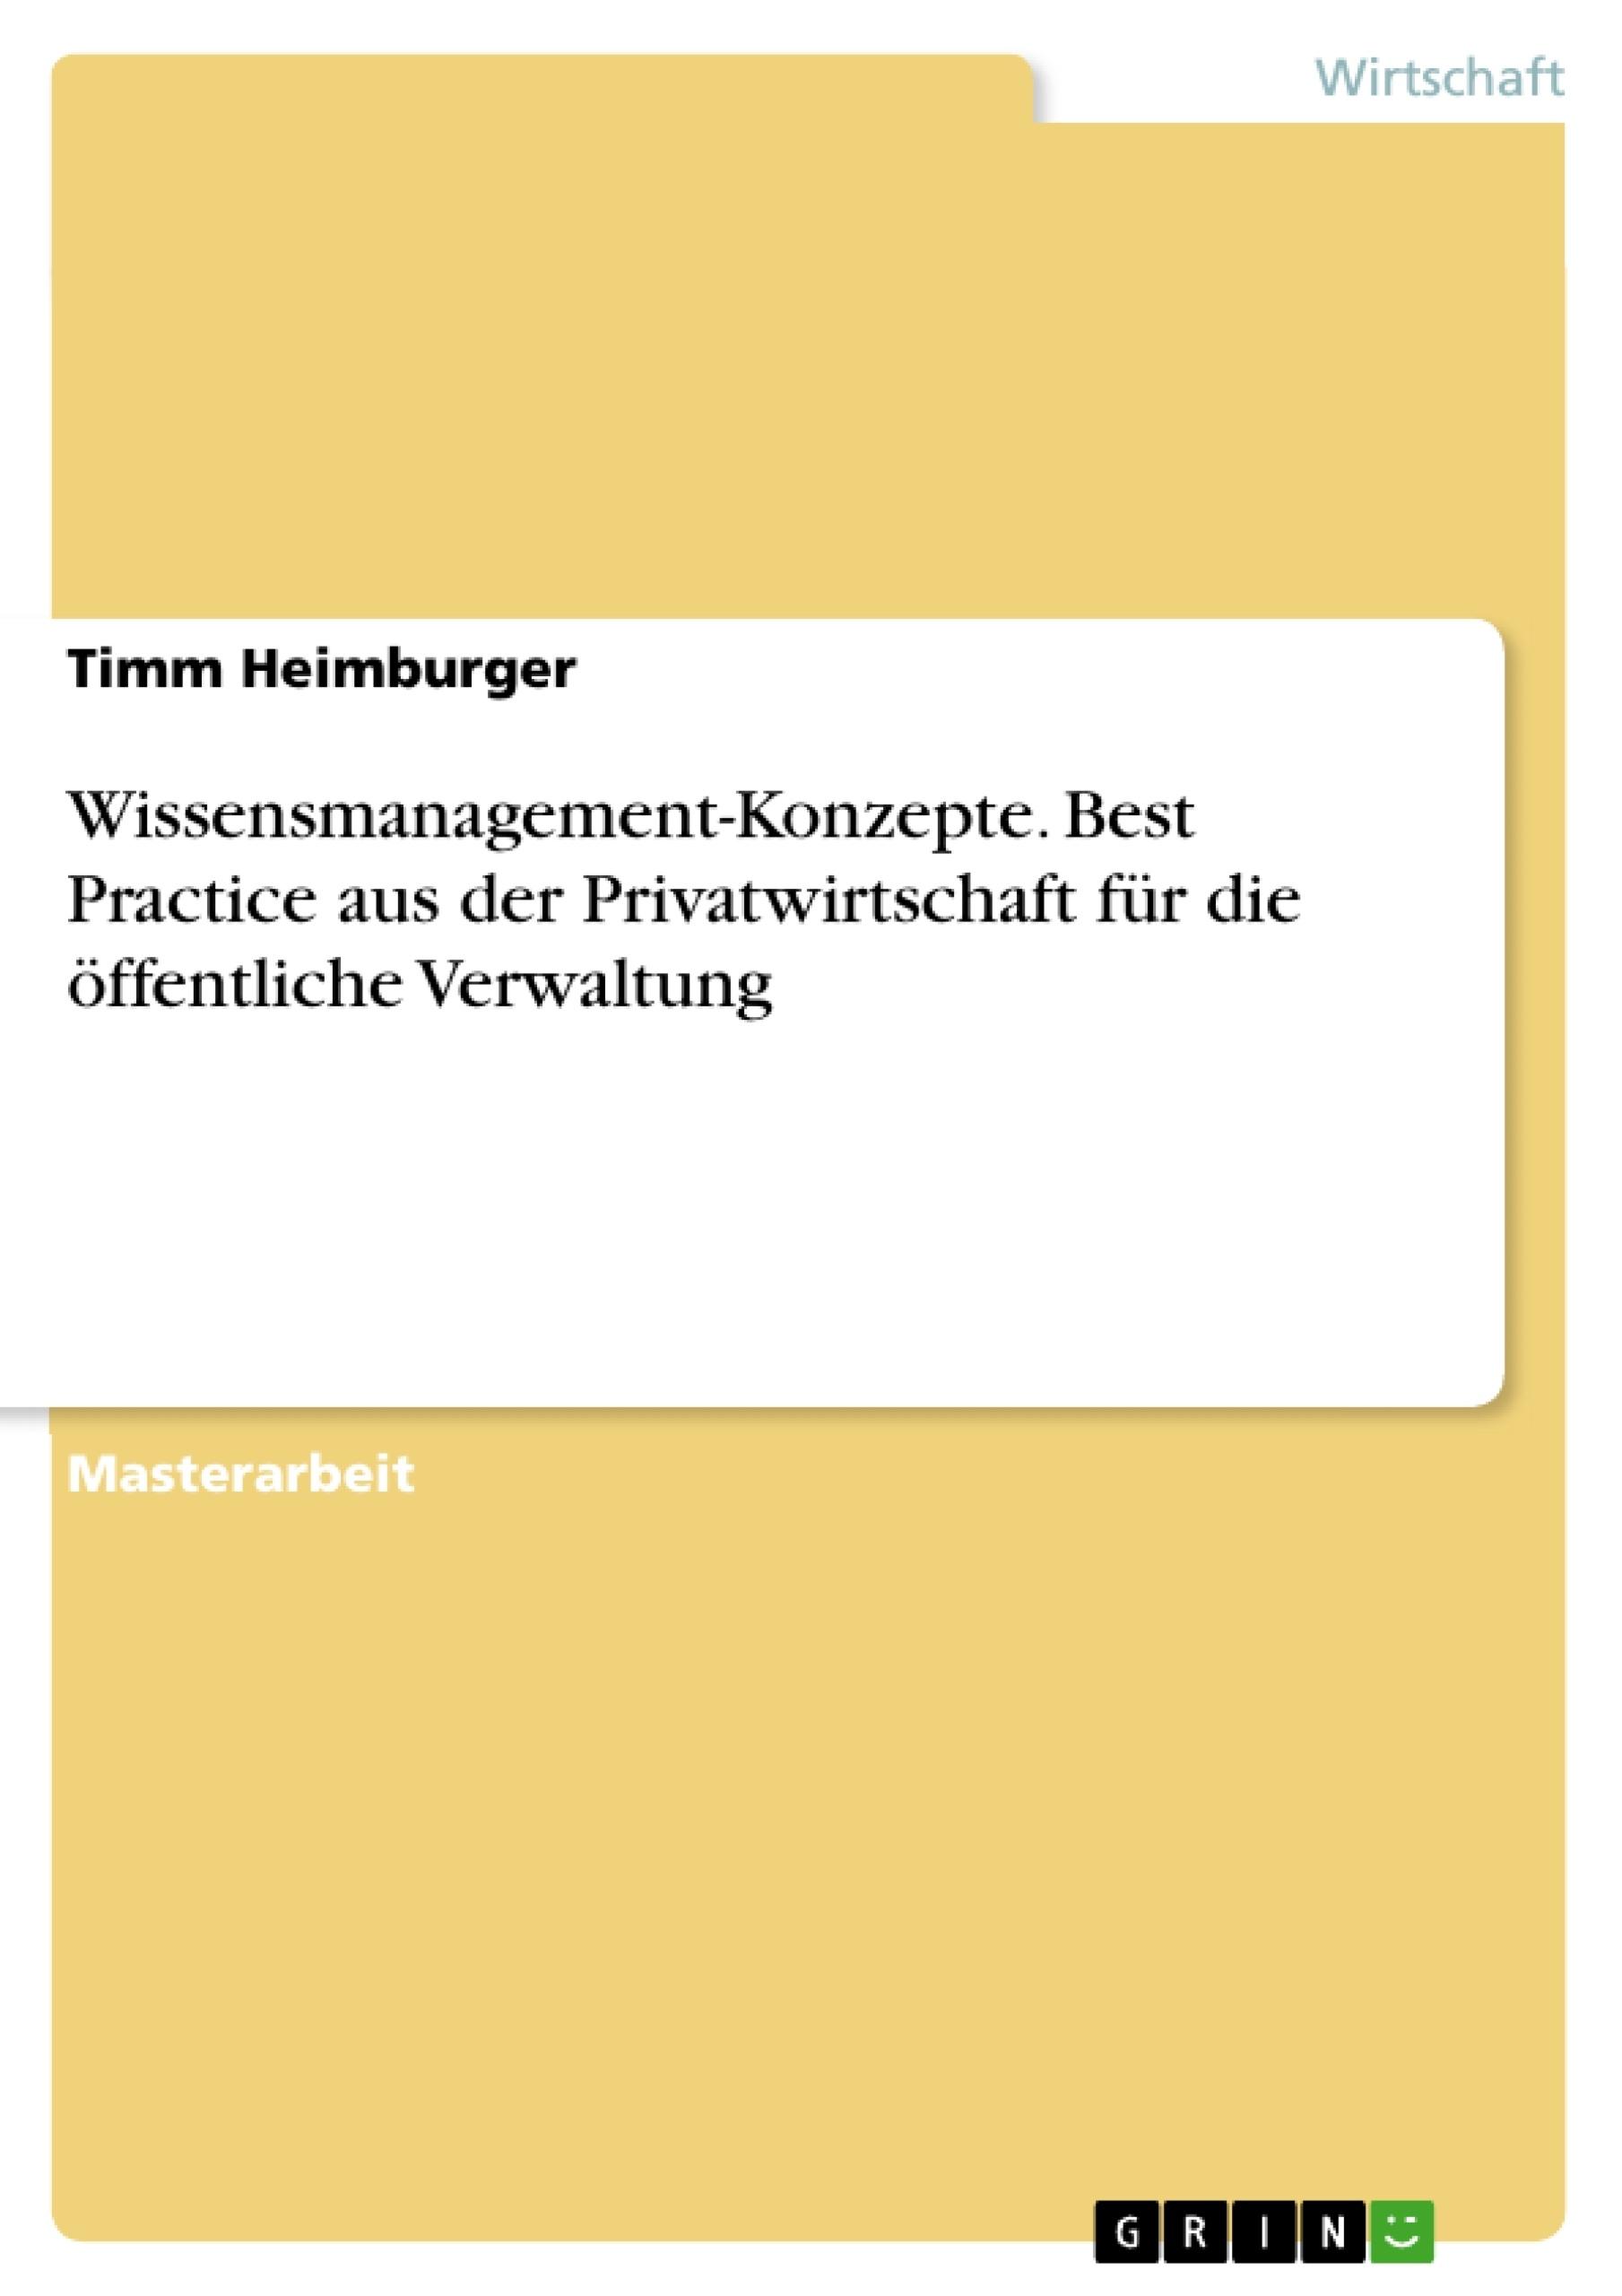 Titel: Wissensmanagement-Konzepte. Best Practice aus der Privatwirtschaft für die öffentliche Verwaltung